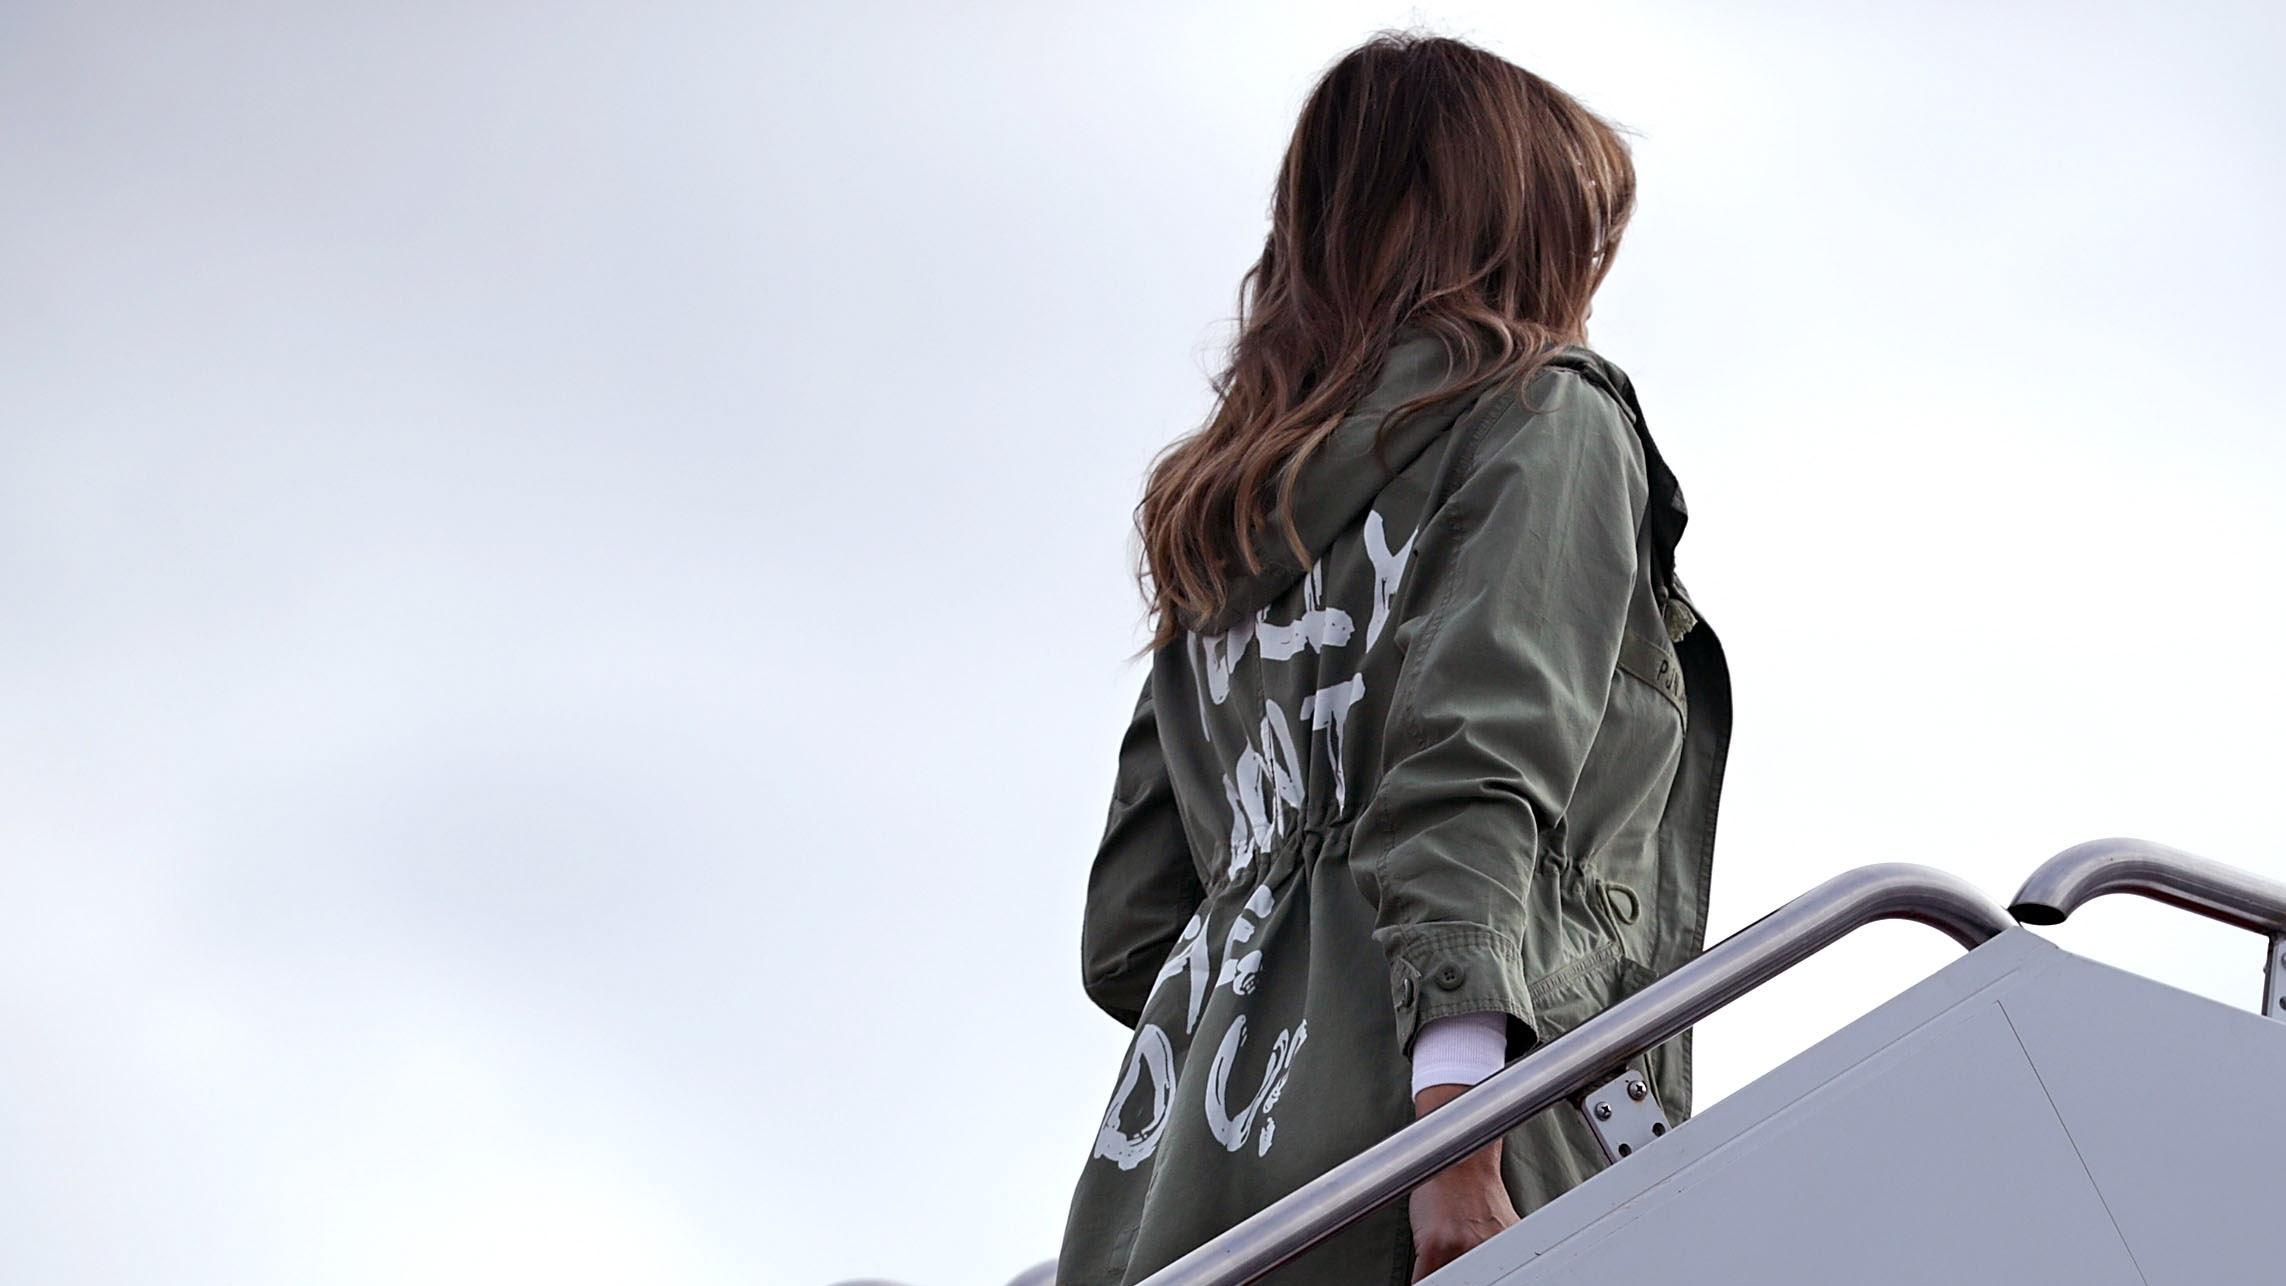 """Mégiscsak jelentett valamit Melania Trump kabátján az """"Engem igazán nem érdekel""""-felirat"""